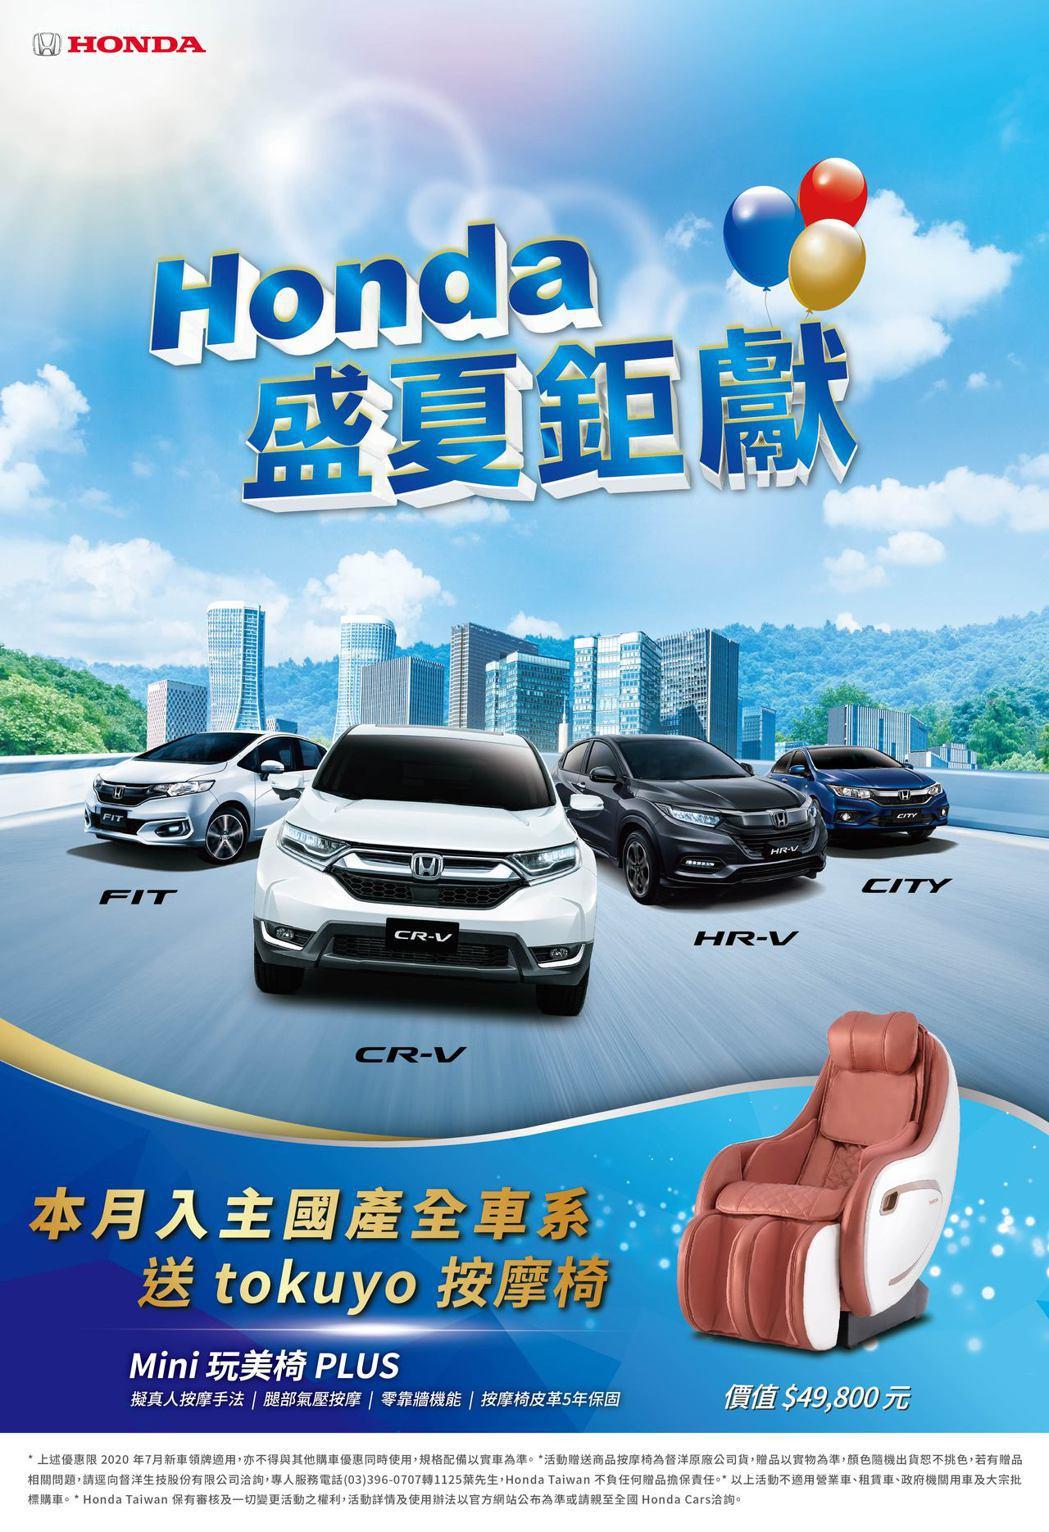 台灣本田推出7月Honda盛夏鉅獻活動。 圖/台灣本田提供